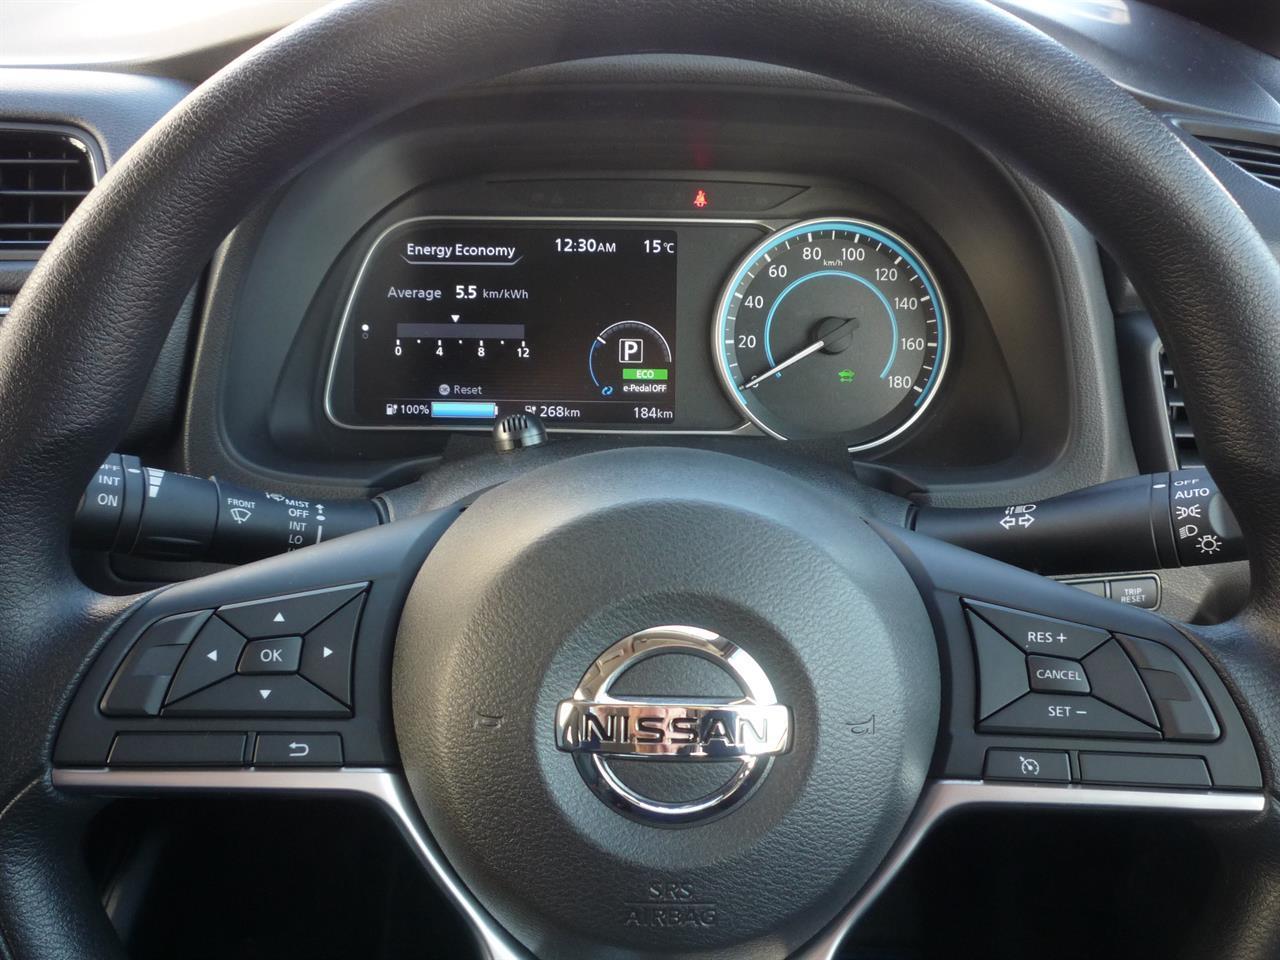 image-3, 2018 Nissan Leaf 40S (SOH 95.66%) at Dunedin